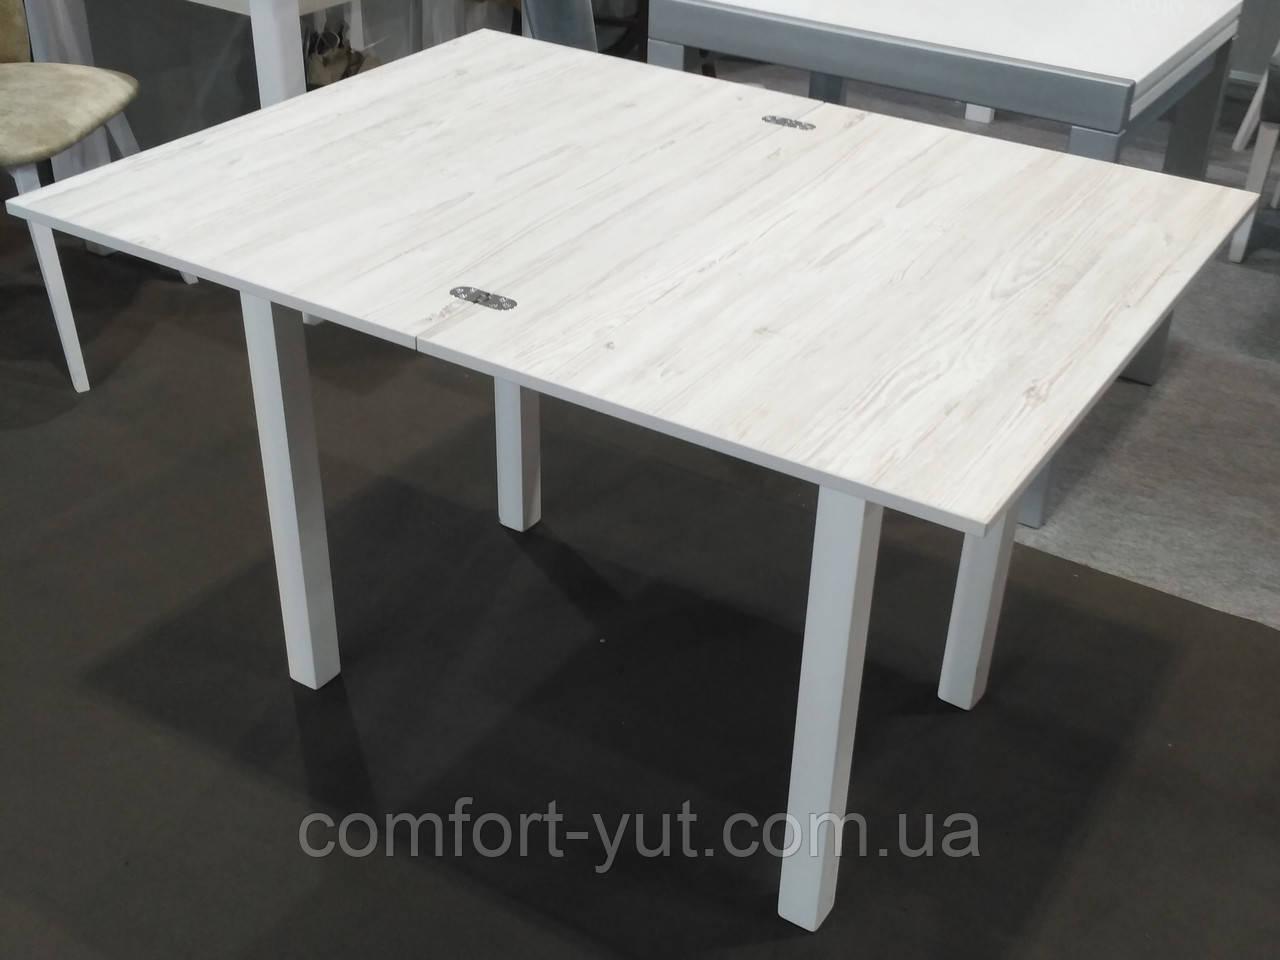 Стол кухонный Прага аляска -белый 90*60(120)*75см